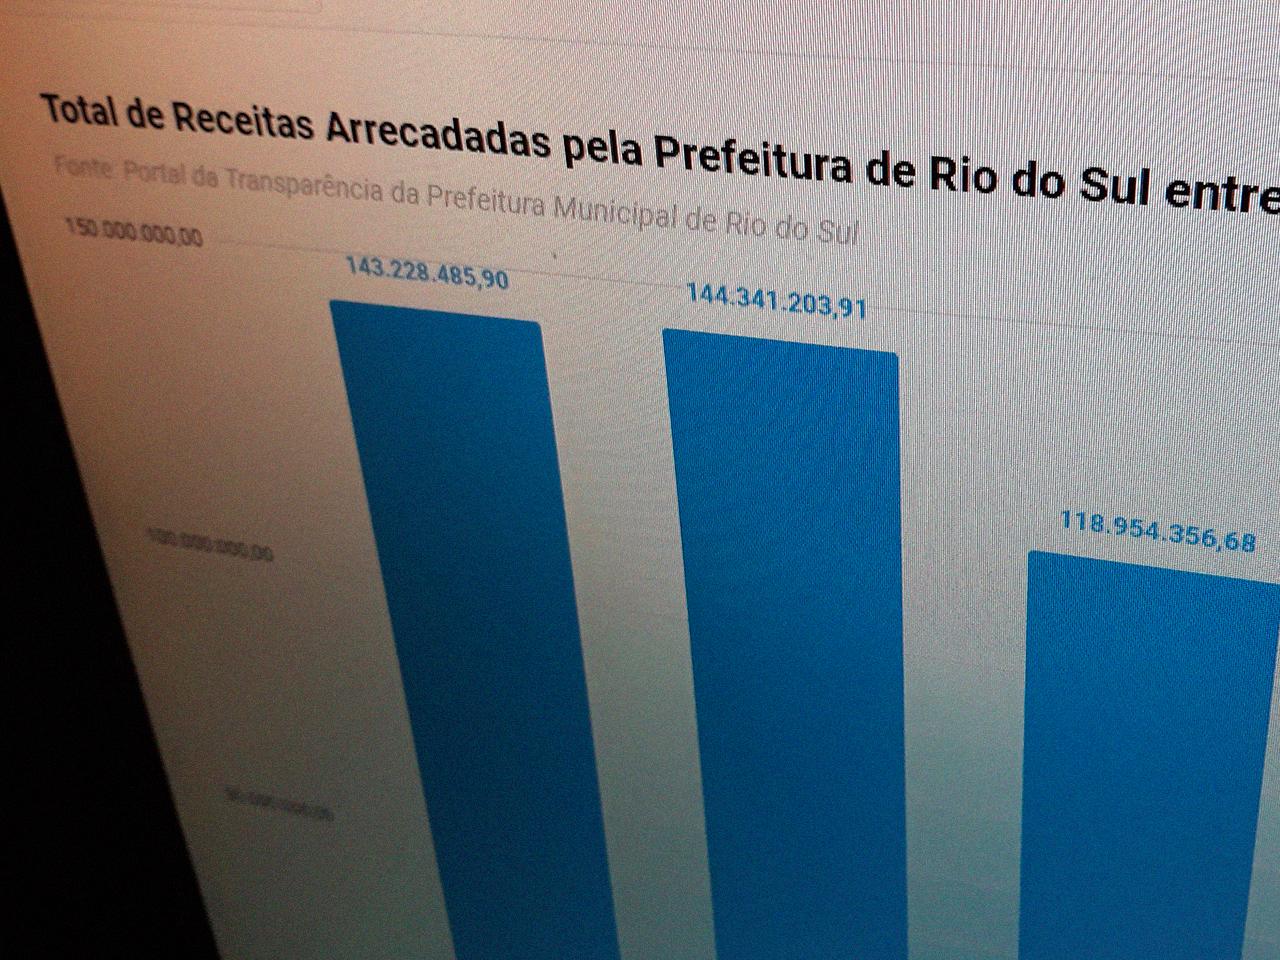 Grande queda na arrecadação justificada pela Prefeitura de Rio do Sul, não chegou a 1%